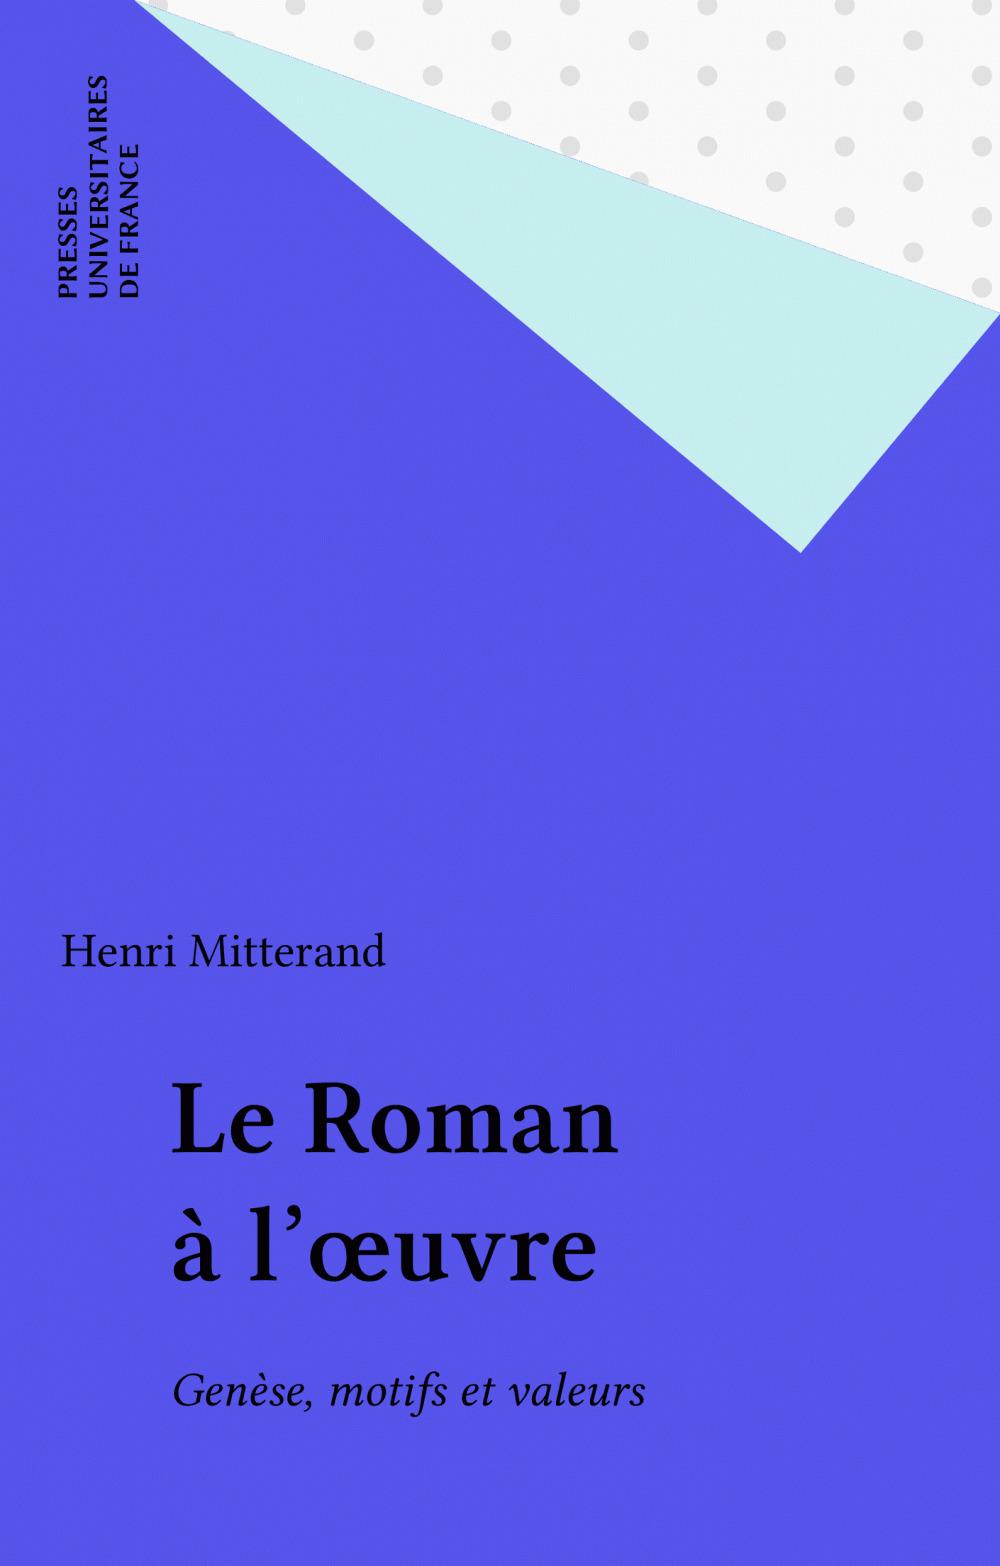 Le roman a l'oeuvre : genese et valeurs